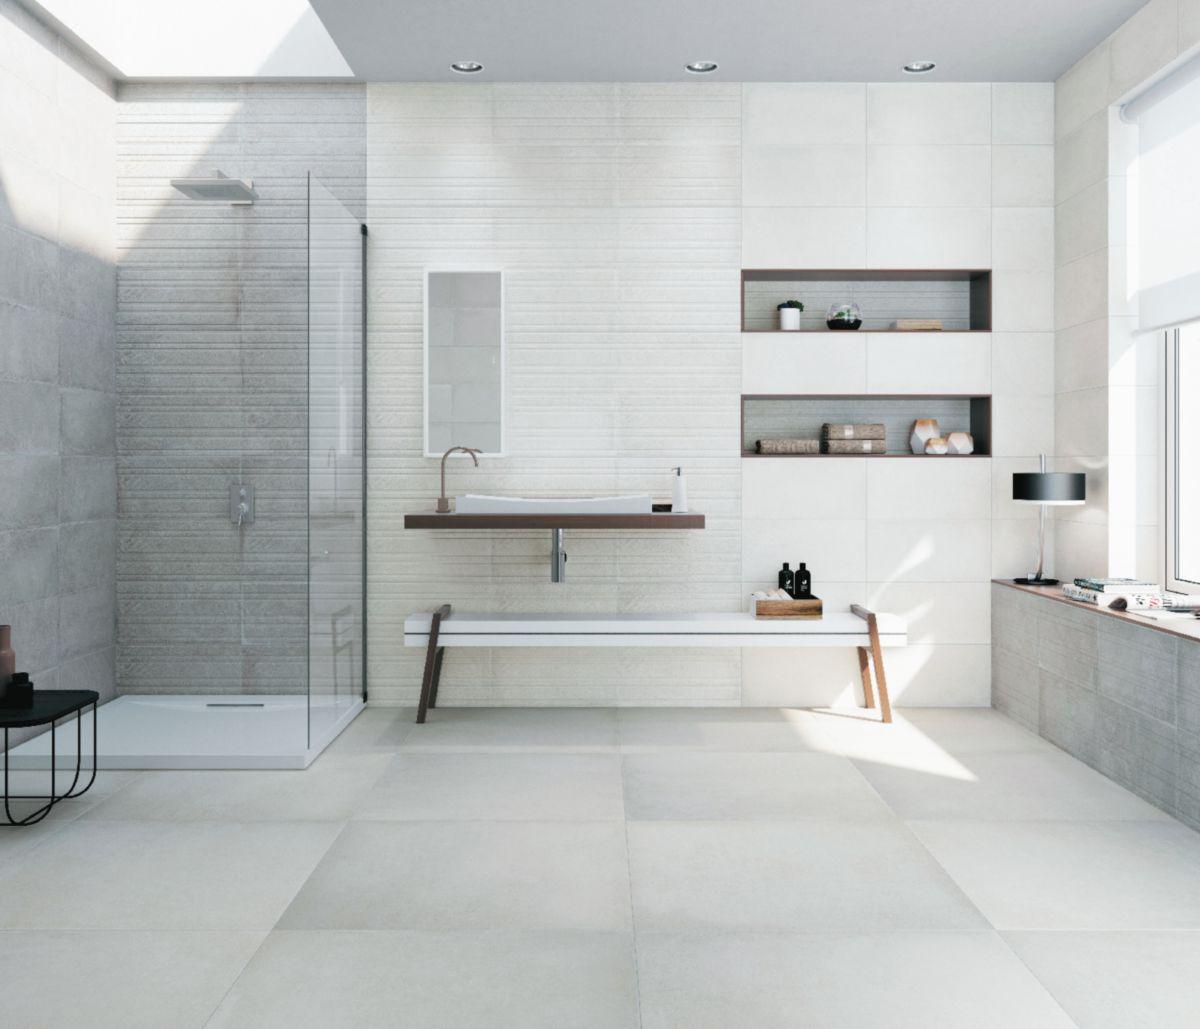 Salle de bain keraben